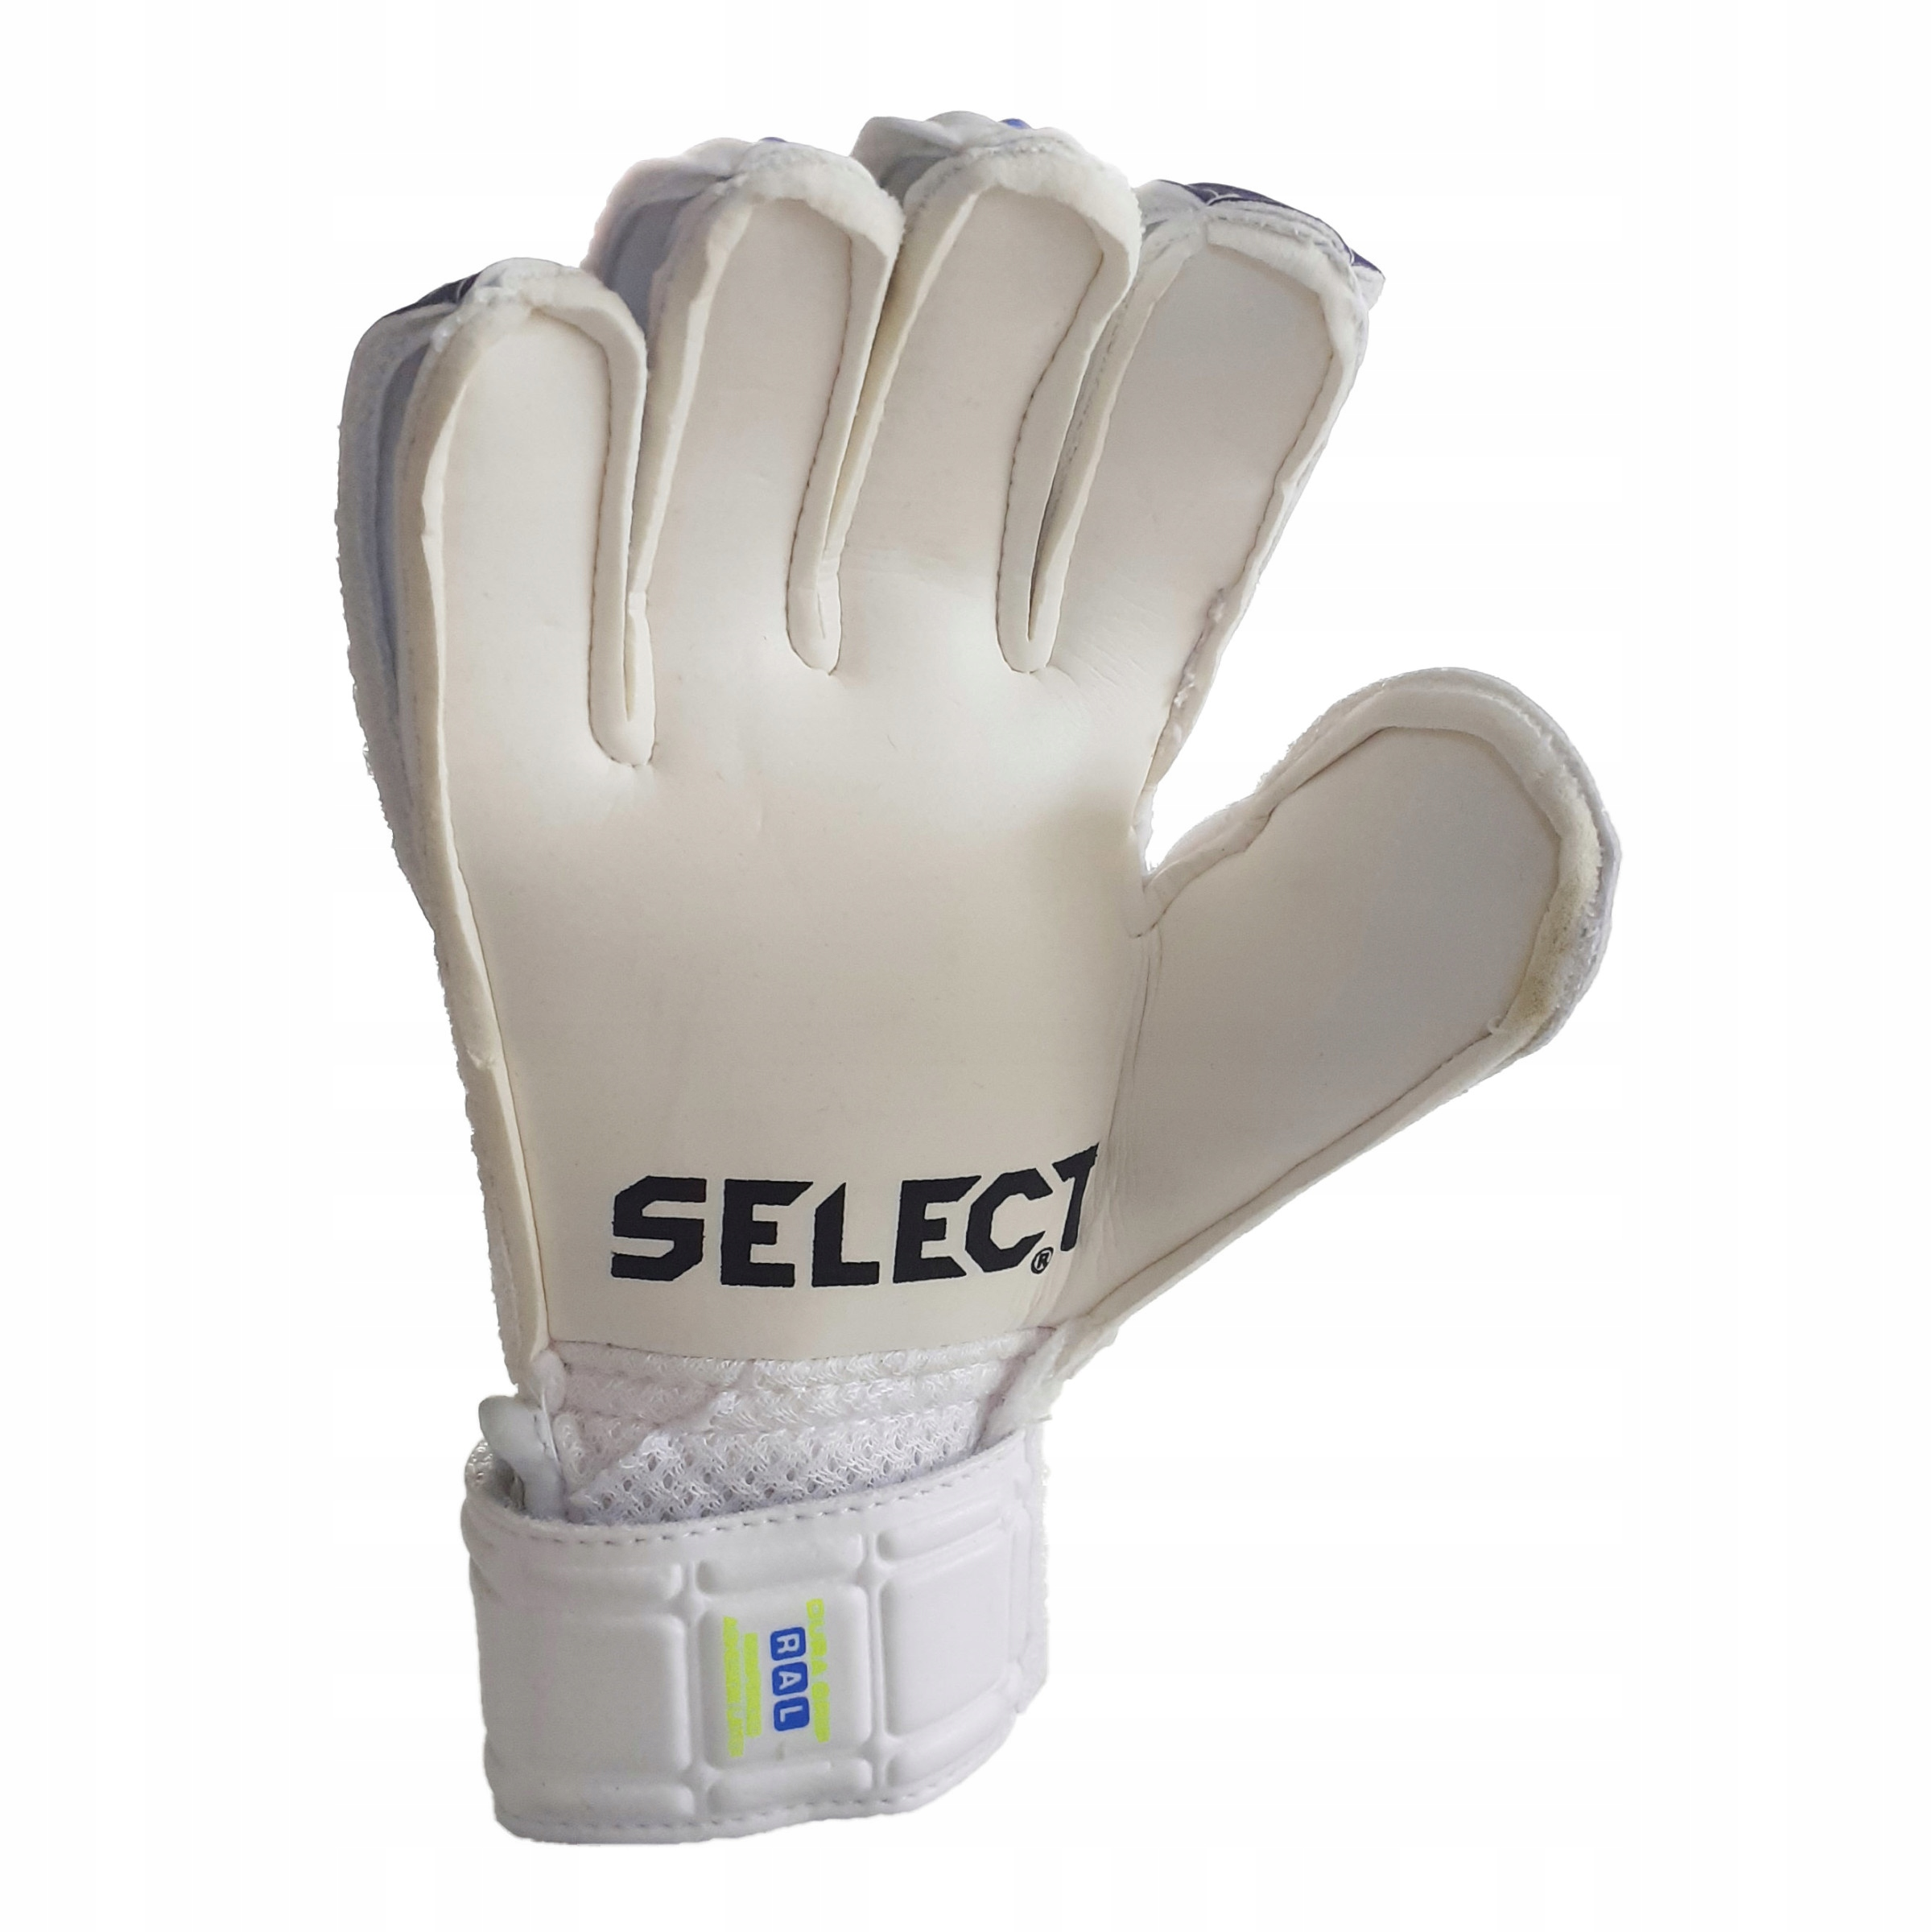 Rękawice bramkarskie SELECT 1 dziecięce Junior Kod producenta 117277